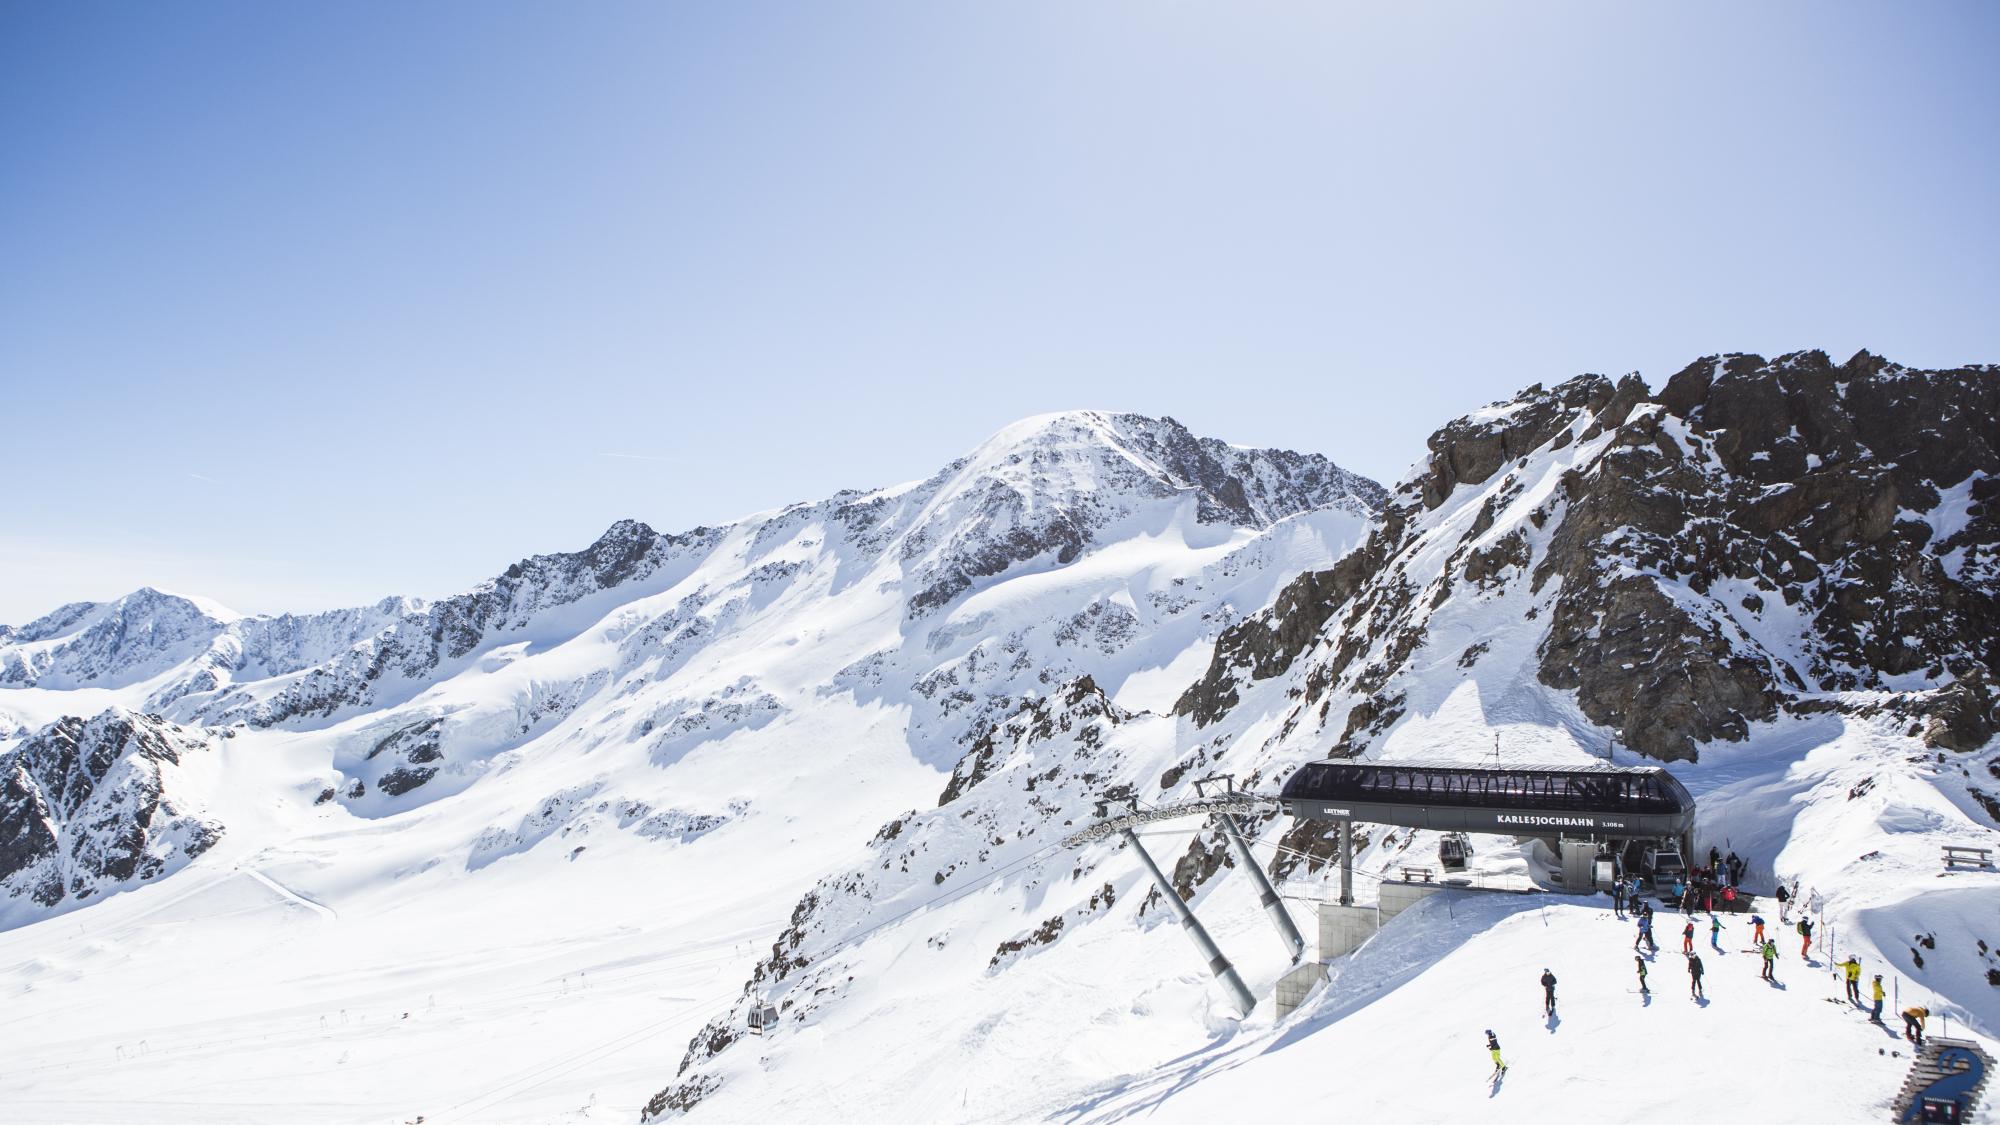 Bergstation Karlesjochbahn Kaunertaler Gletscher